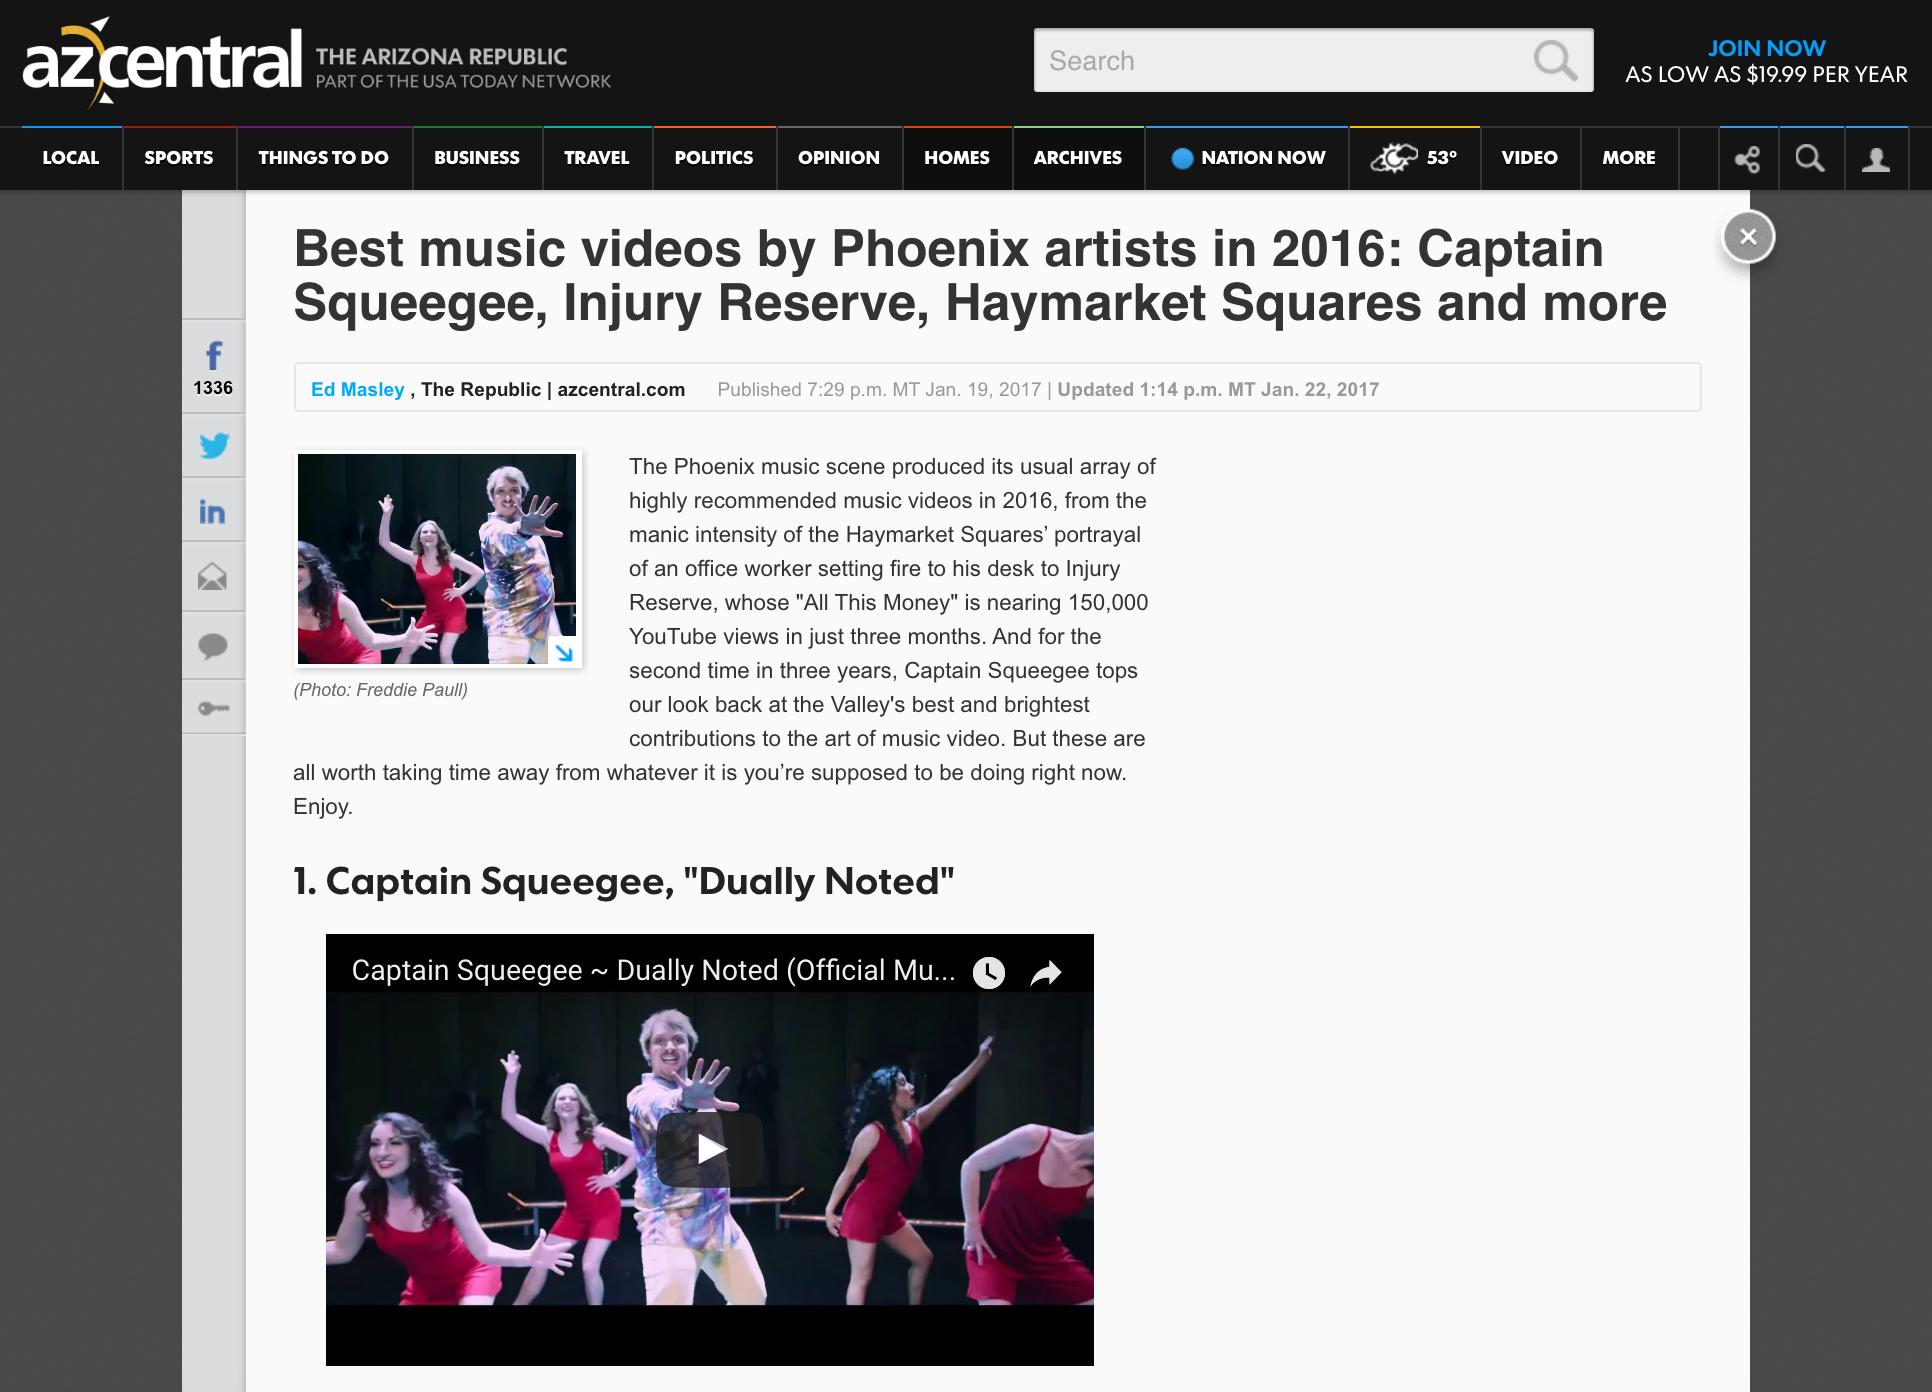 AZ Central - 2016 Best Music Video